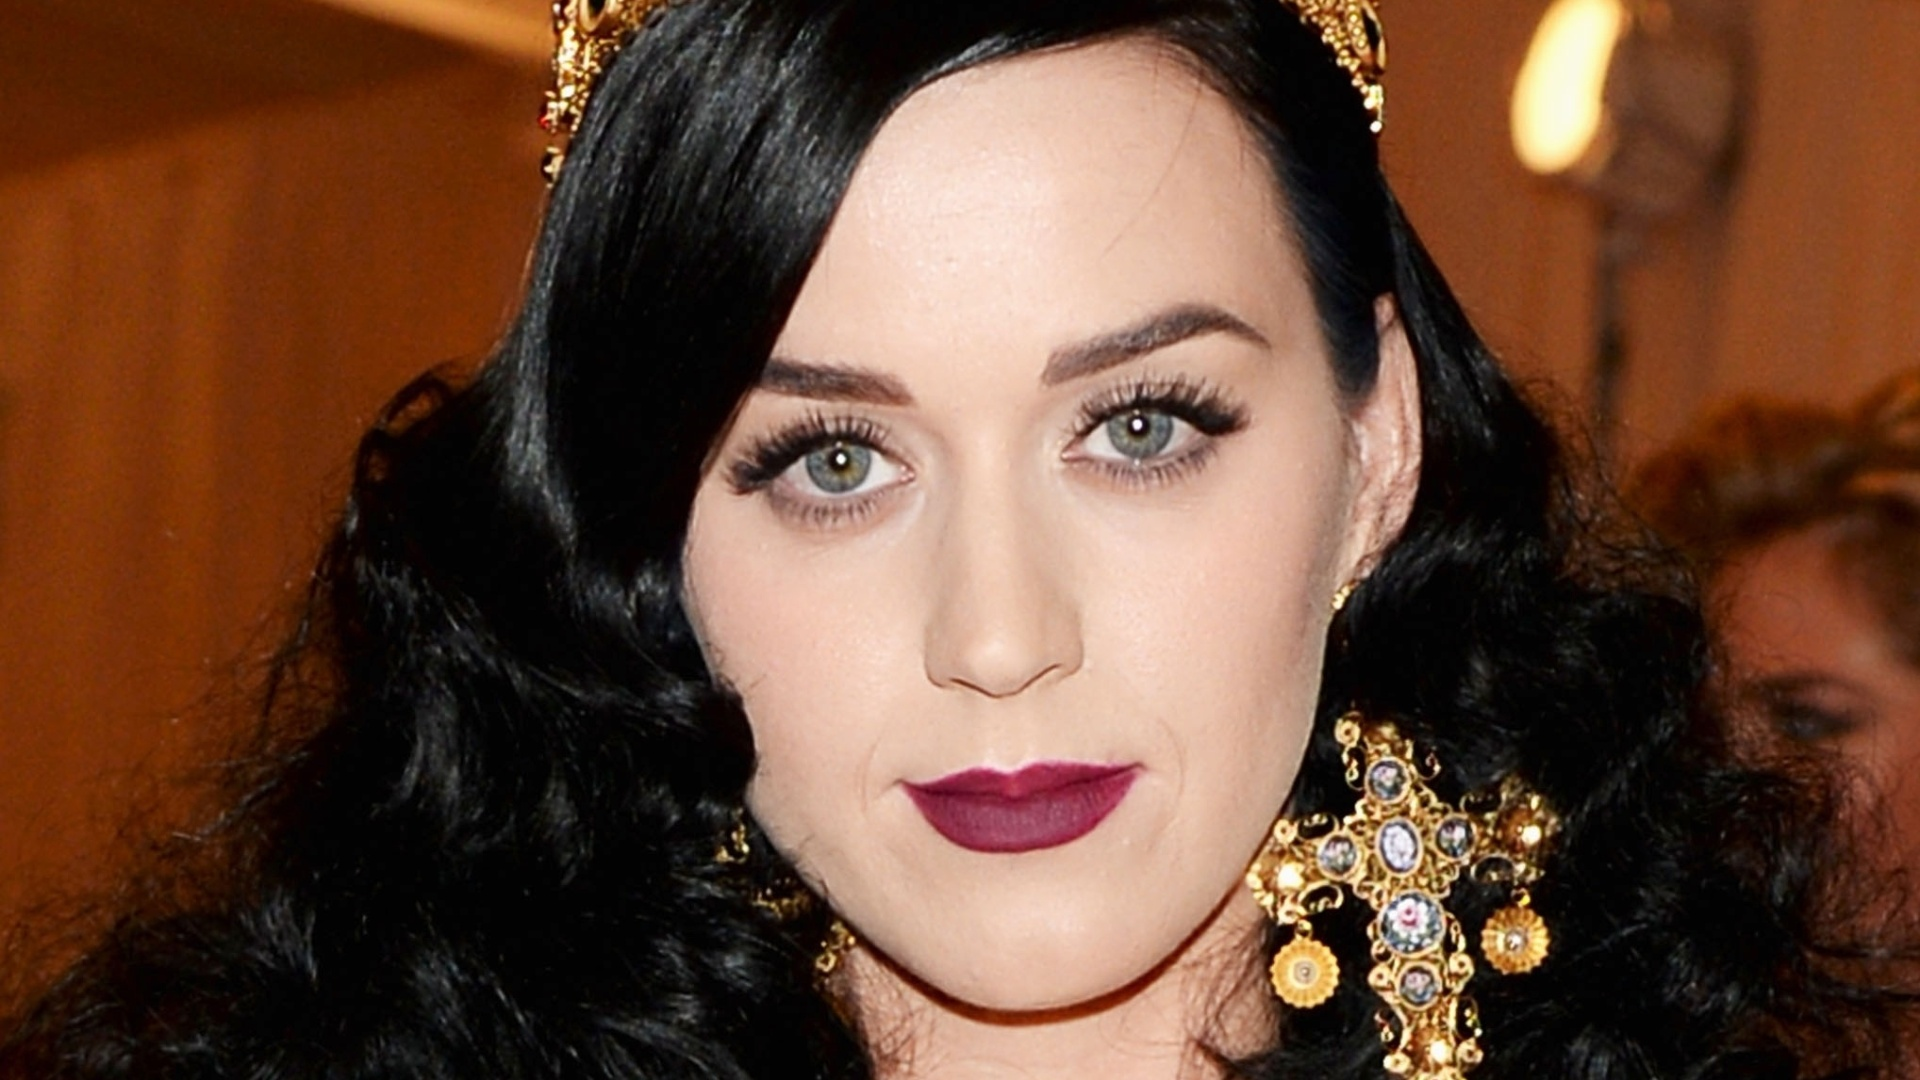 A cantora Katy Perry, que faturou US$ 39 milhões, tem como fontes de renda shows, álbuns, o perfume Coty, e os salgadinhos Popchips, no qual tem participação acionária